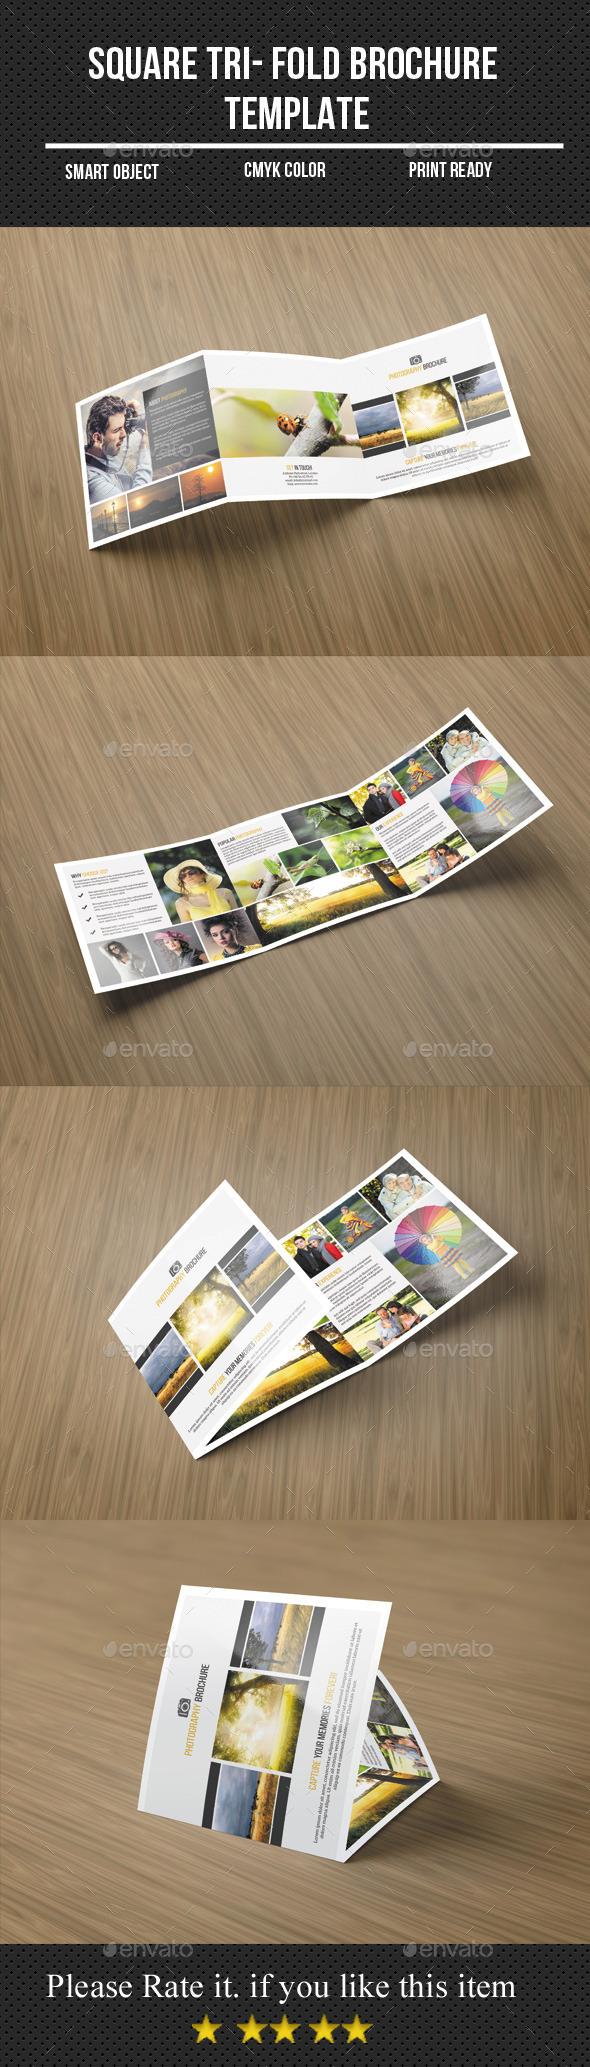 GraphicRiver Square Tri-Fold Photography Brochure 11399877